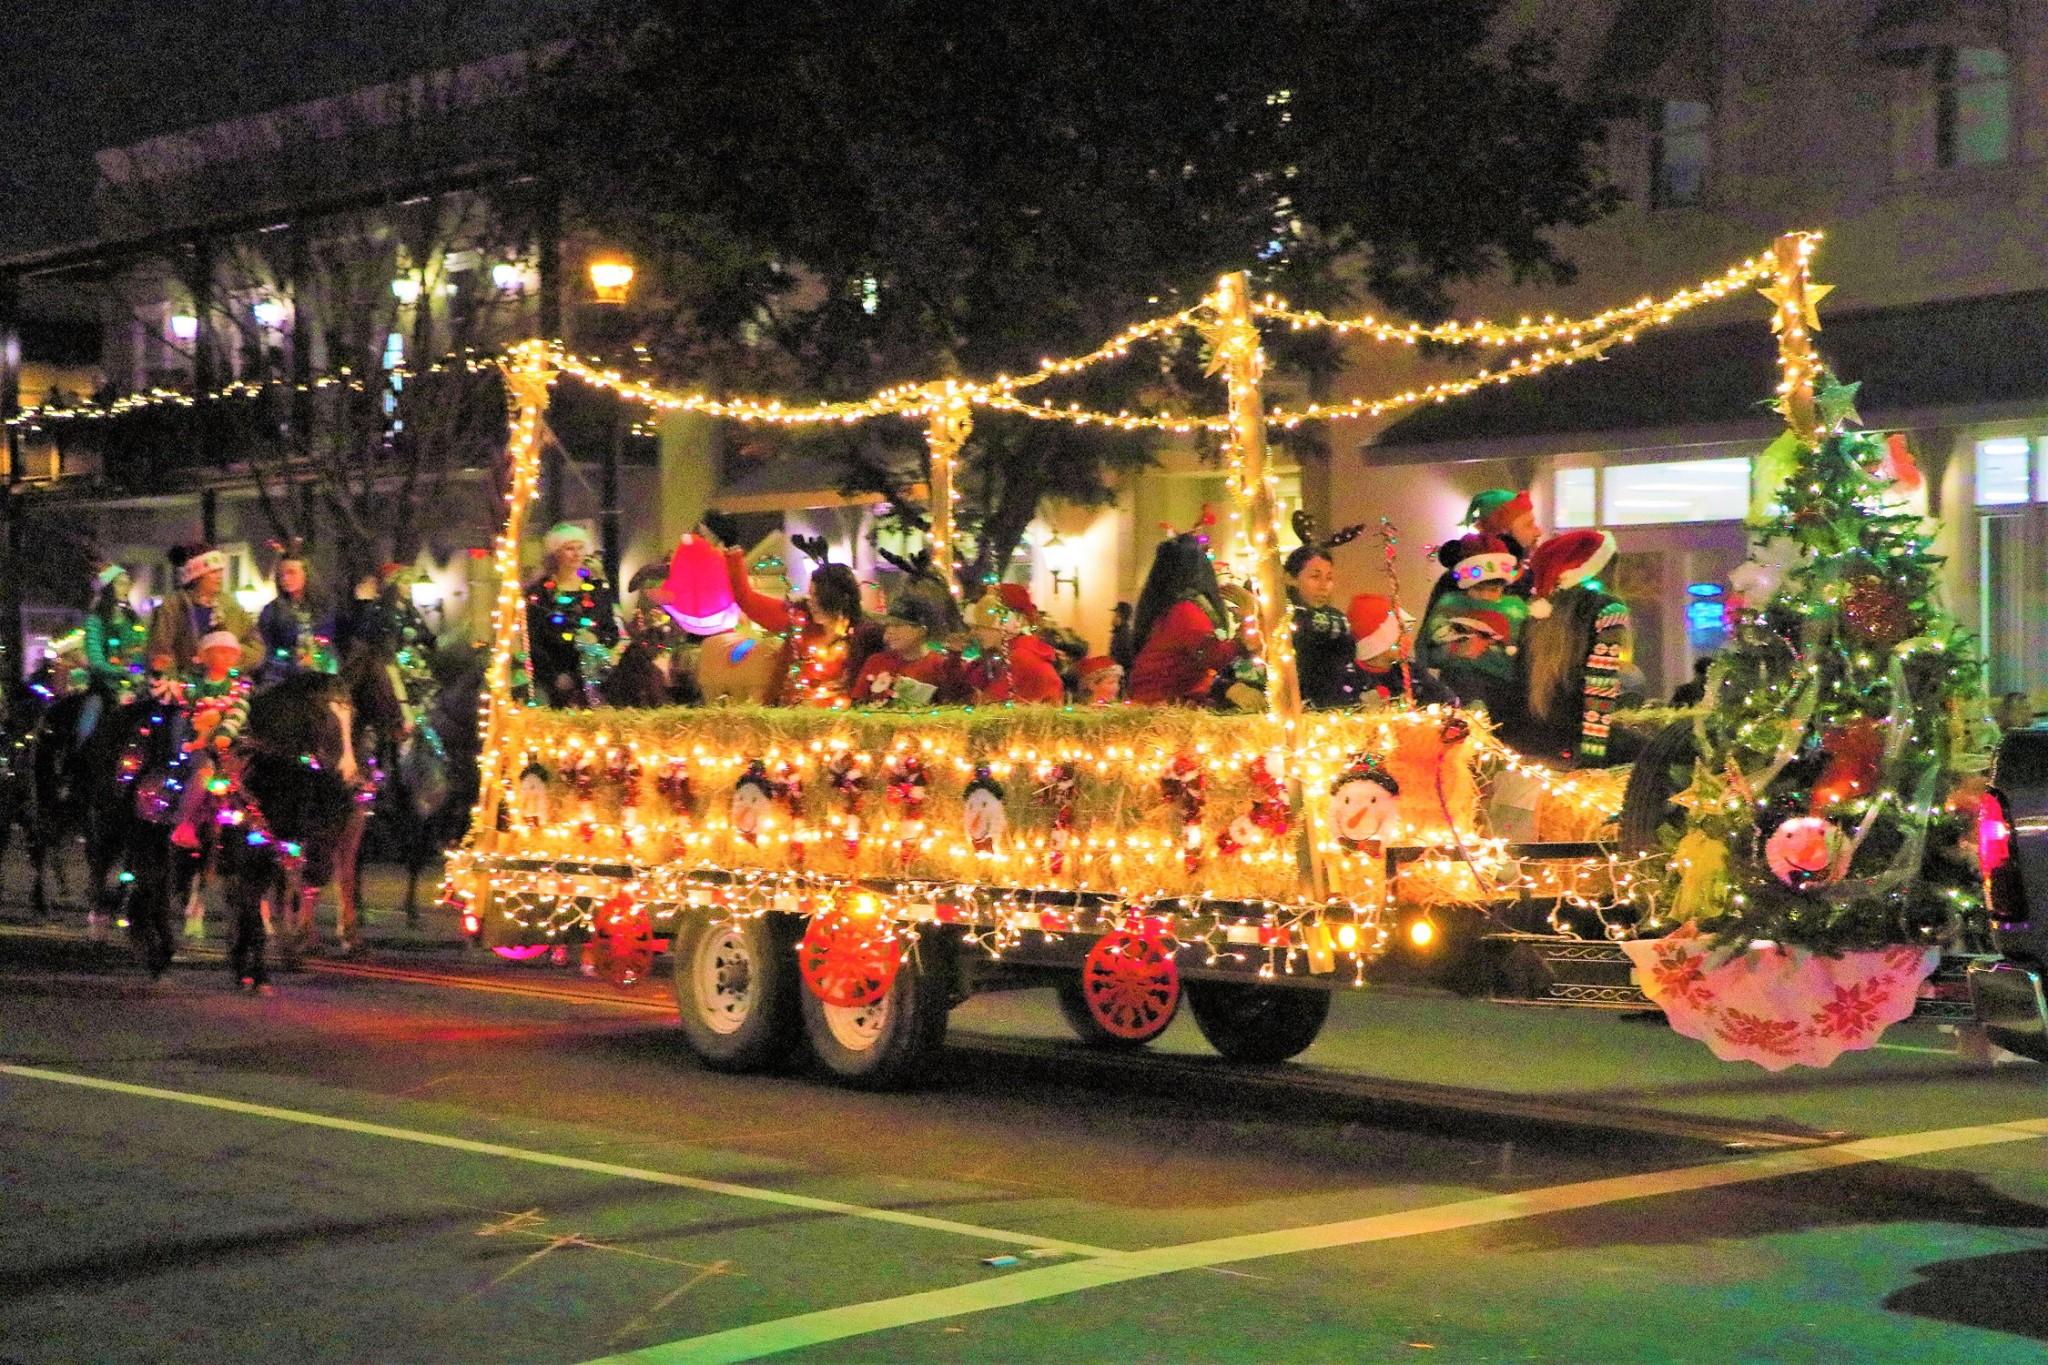 Christmas Parade In Clovis 2020 Clovis Children's Electric Christmas Parade: A Celebration of